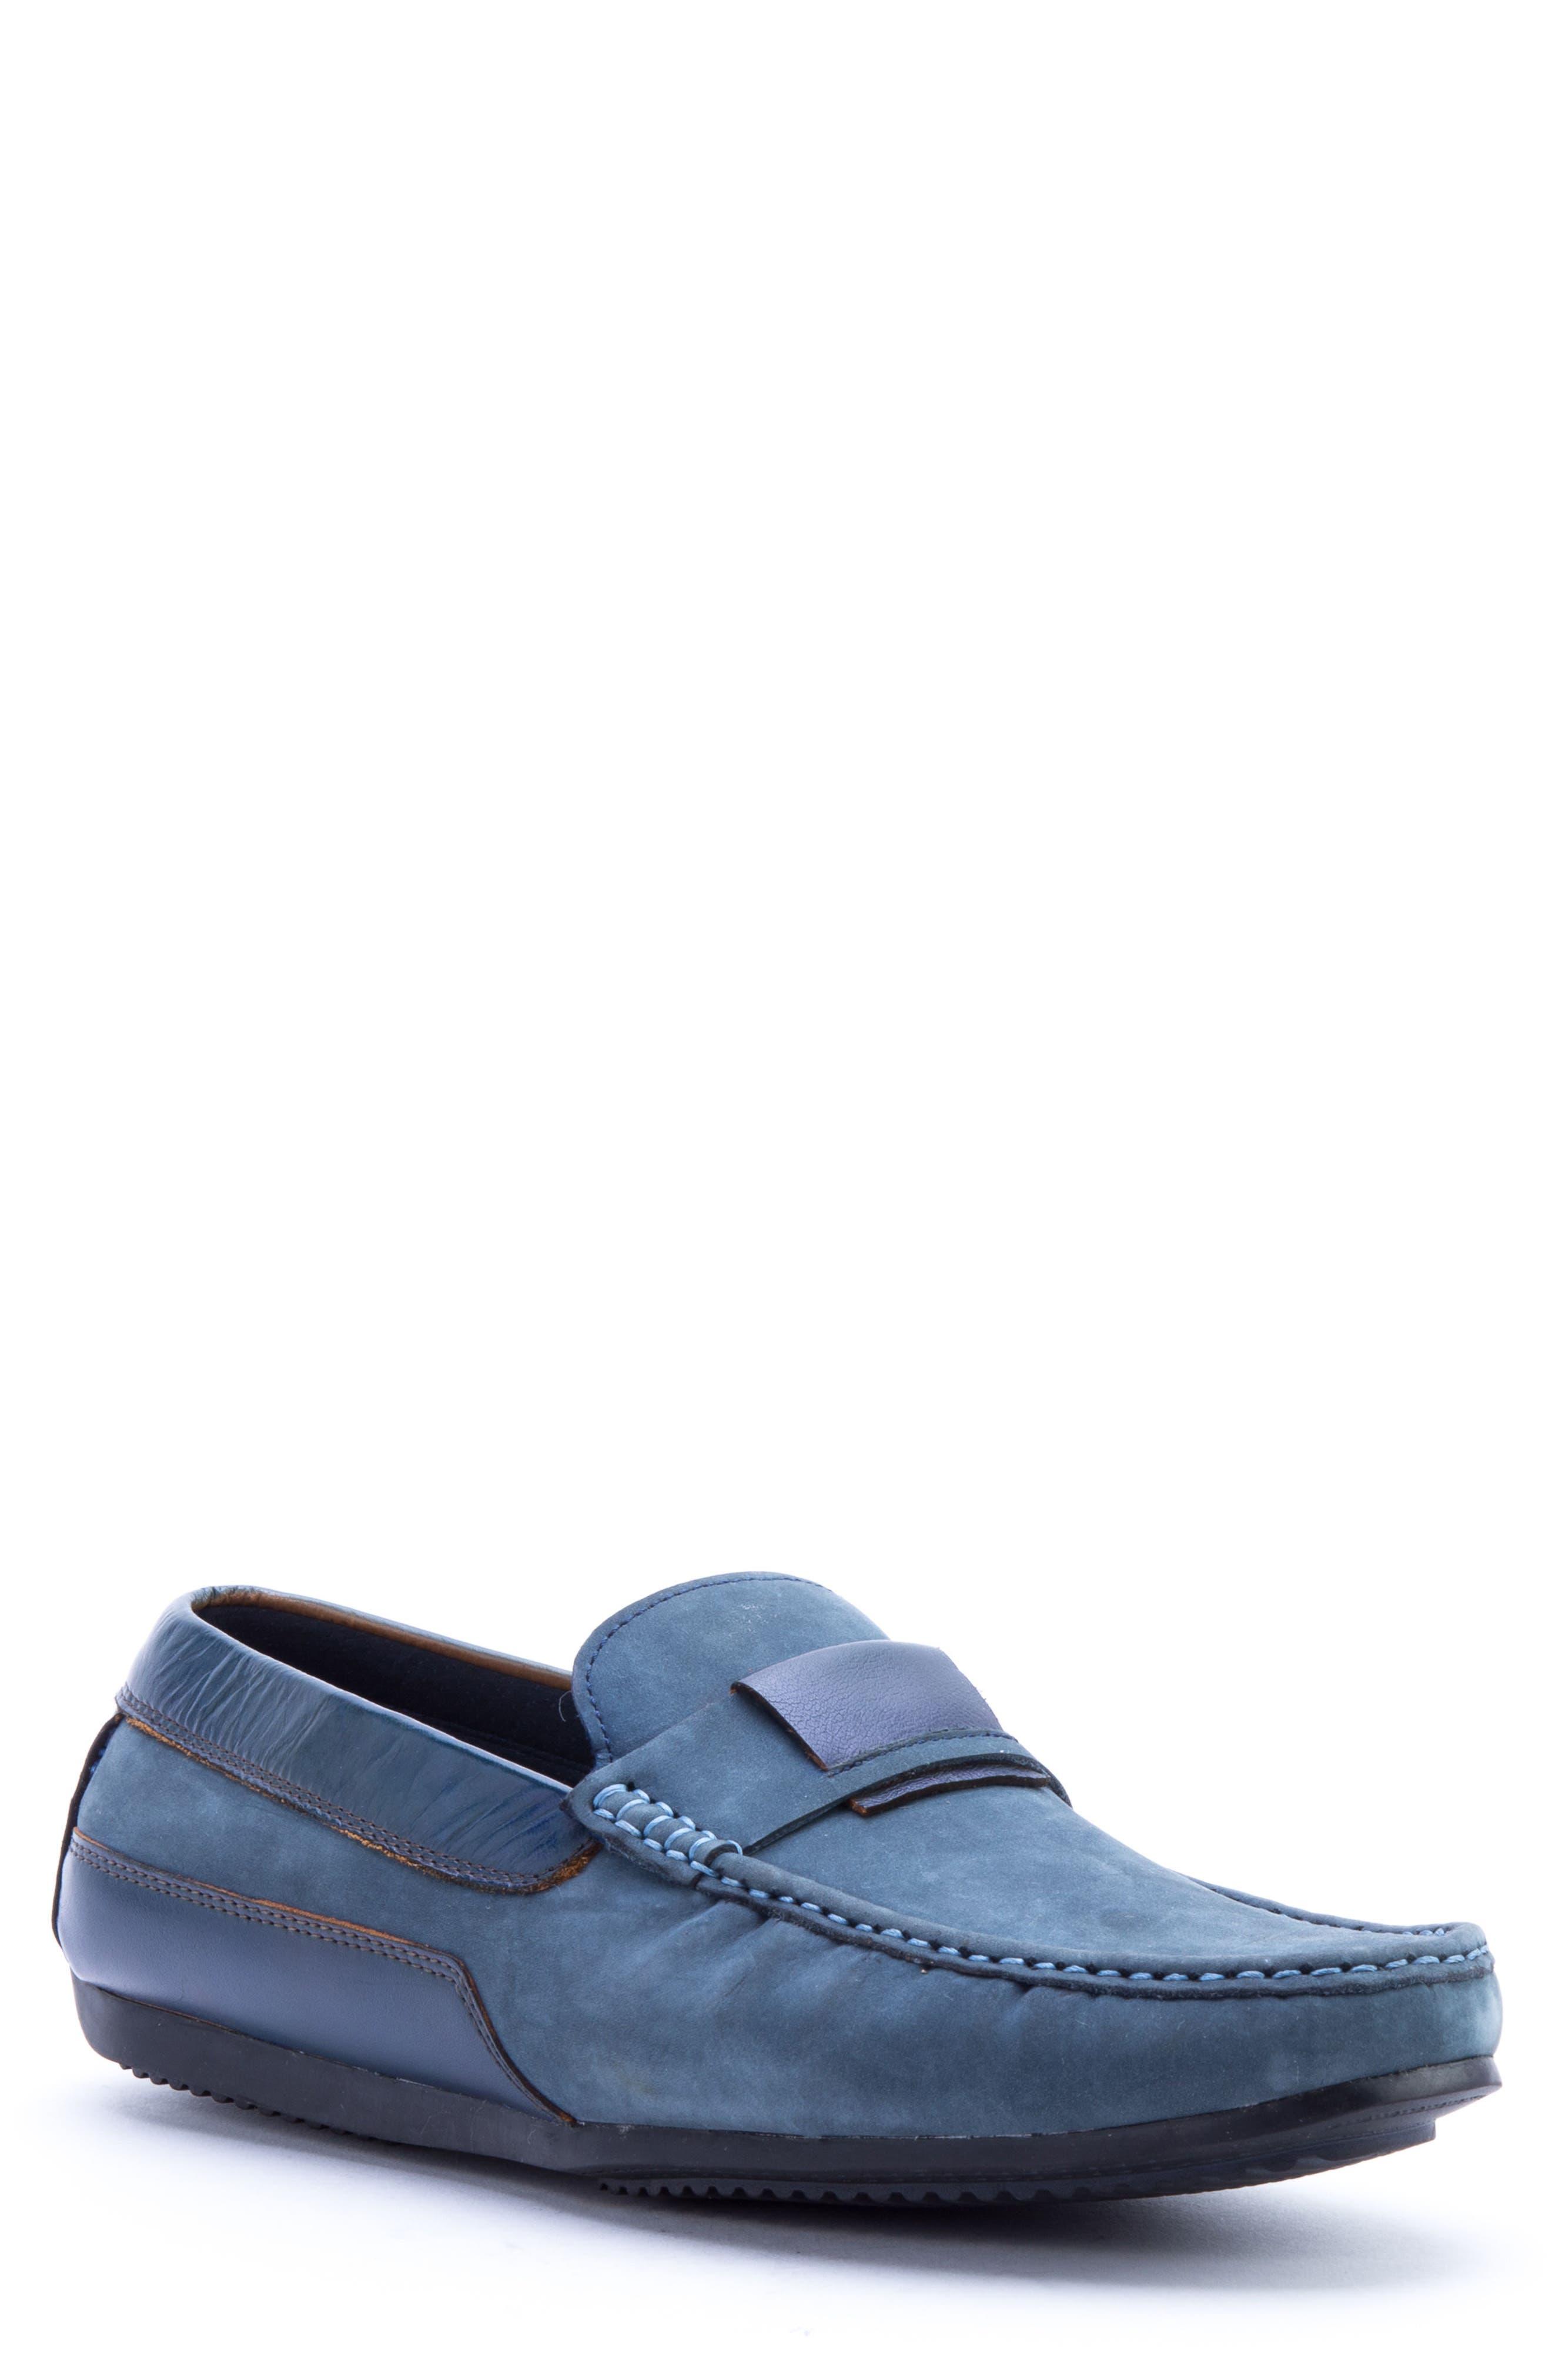 Zanzara Seurat Driving Loafer, Blue